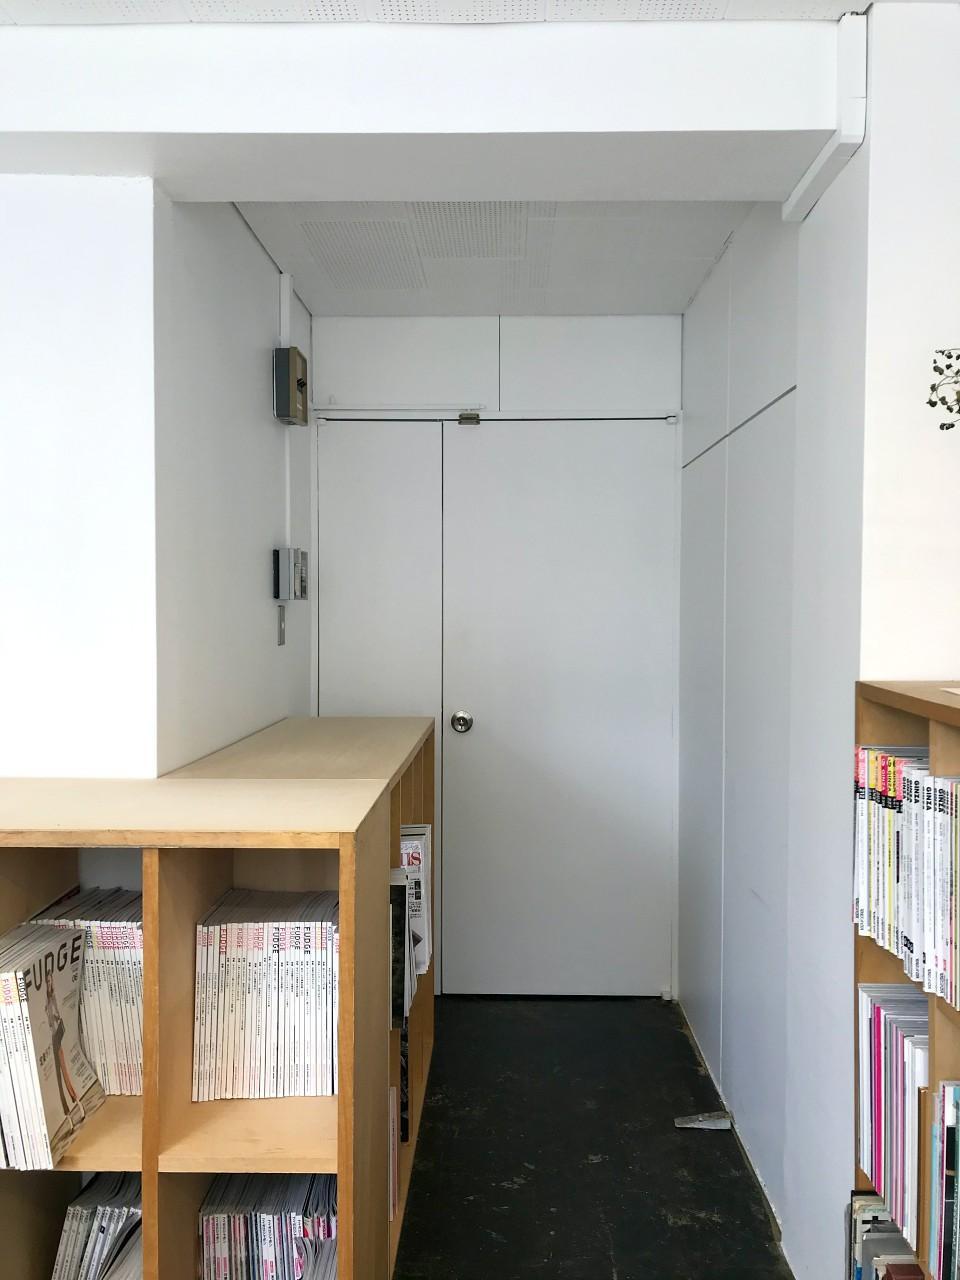 複数区画を1区画にしたので扉が2つ